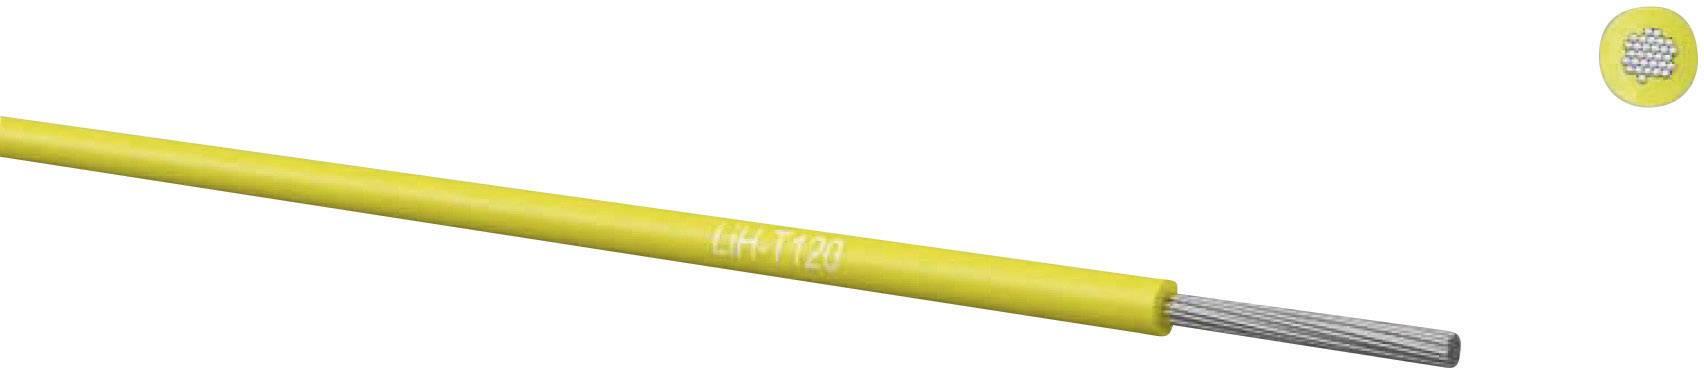 Opletenie / lanko Kabeltronik 65005009 LiH-T, 1 x 0.50 mm², vonkajší Ø 1.50 mm, metrový tovar, čierna